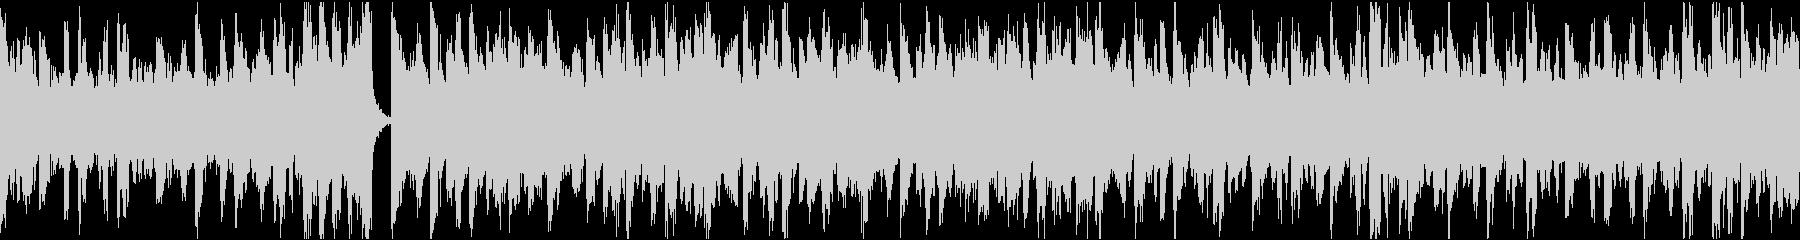 13秒でサビ、電子音ダーク/静かめループの未再生の波形